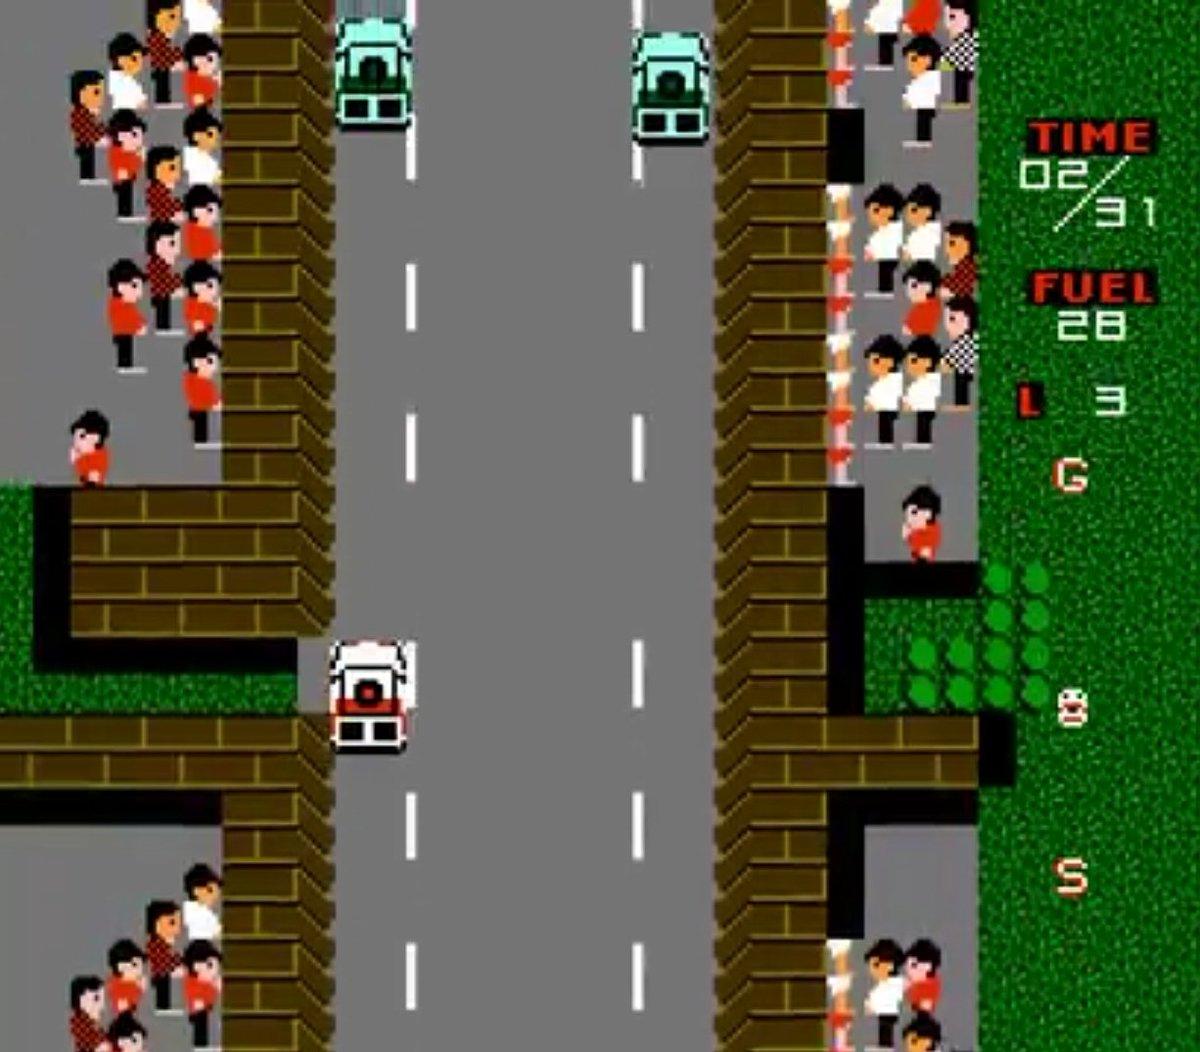 GG @R0man_P0  C'est Paris dakar rally special sur NES . Bien vu  Par contre je vous ai induit involontairement en erreur en disant NES alors que le jeu n'a pas quitté le Japon <br>http://pic.twitter.com/WWAW87AQf9